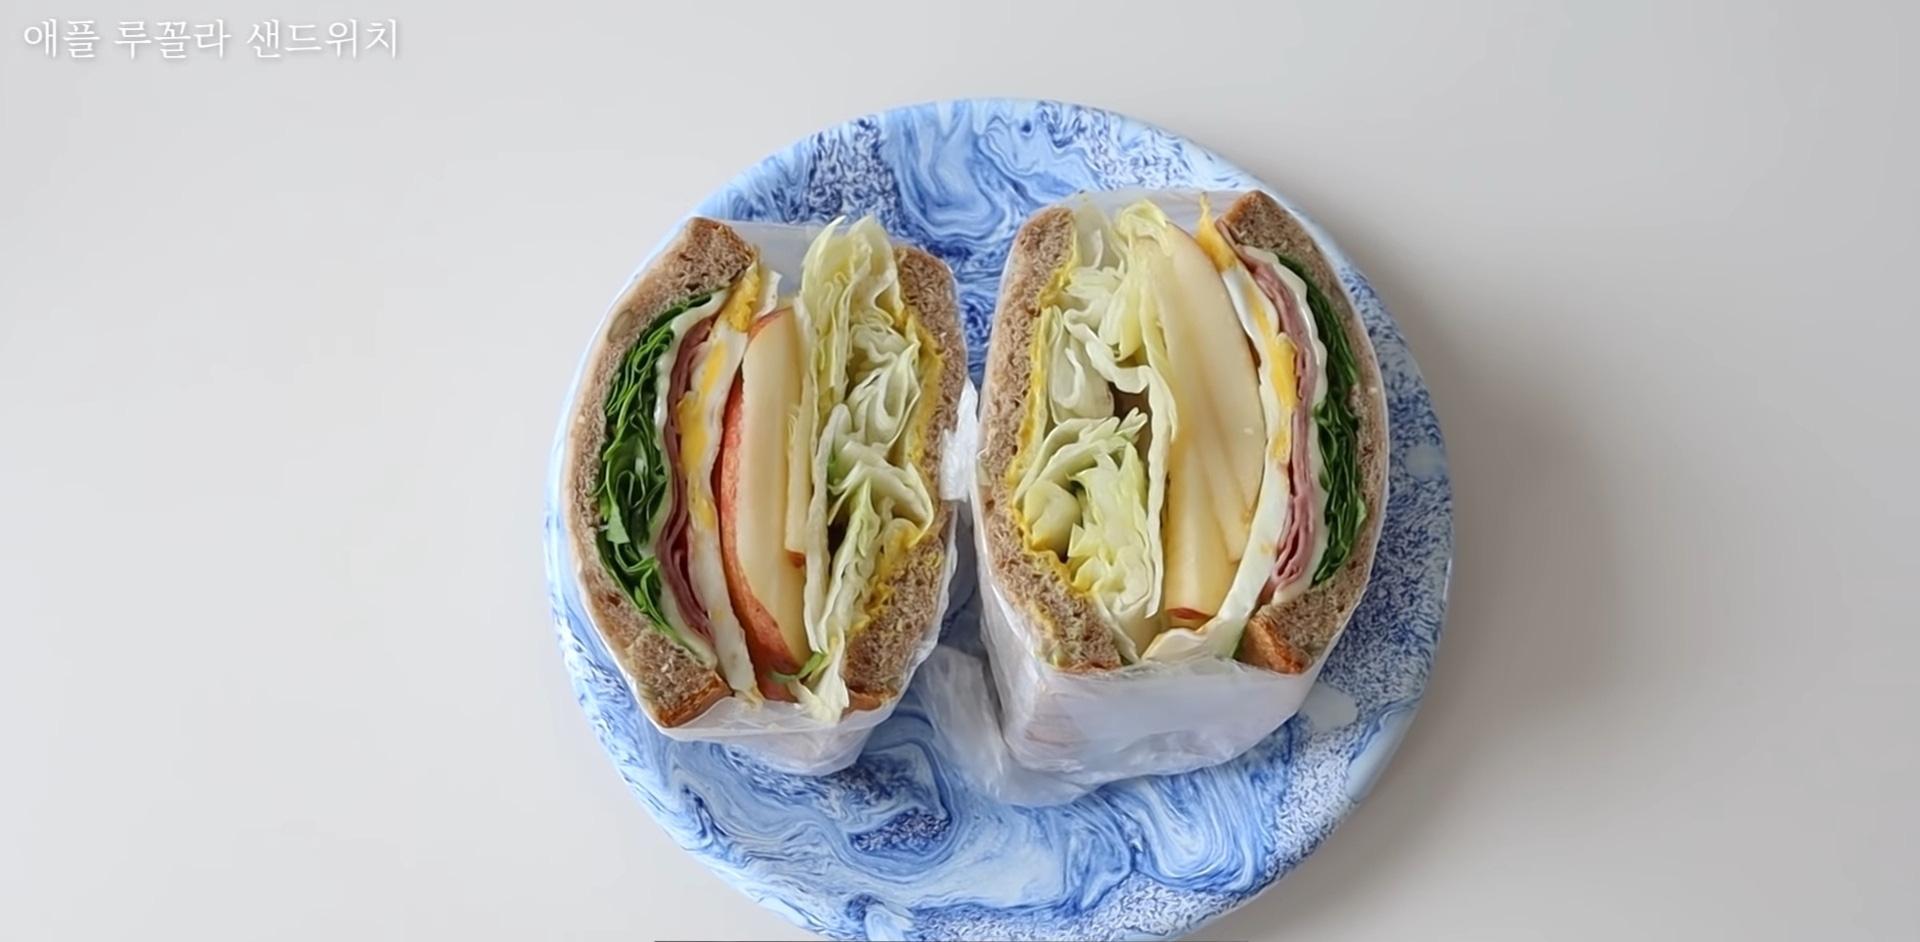 Vlogger Hàn chia sẻ bí quyết giảm 10kg nhờ tự tay làm những chiếc sandwich theo công thức của riêng mình - Ảnh 10.